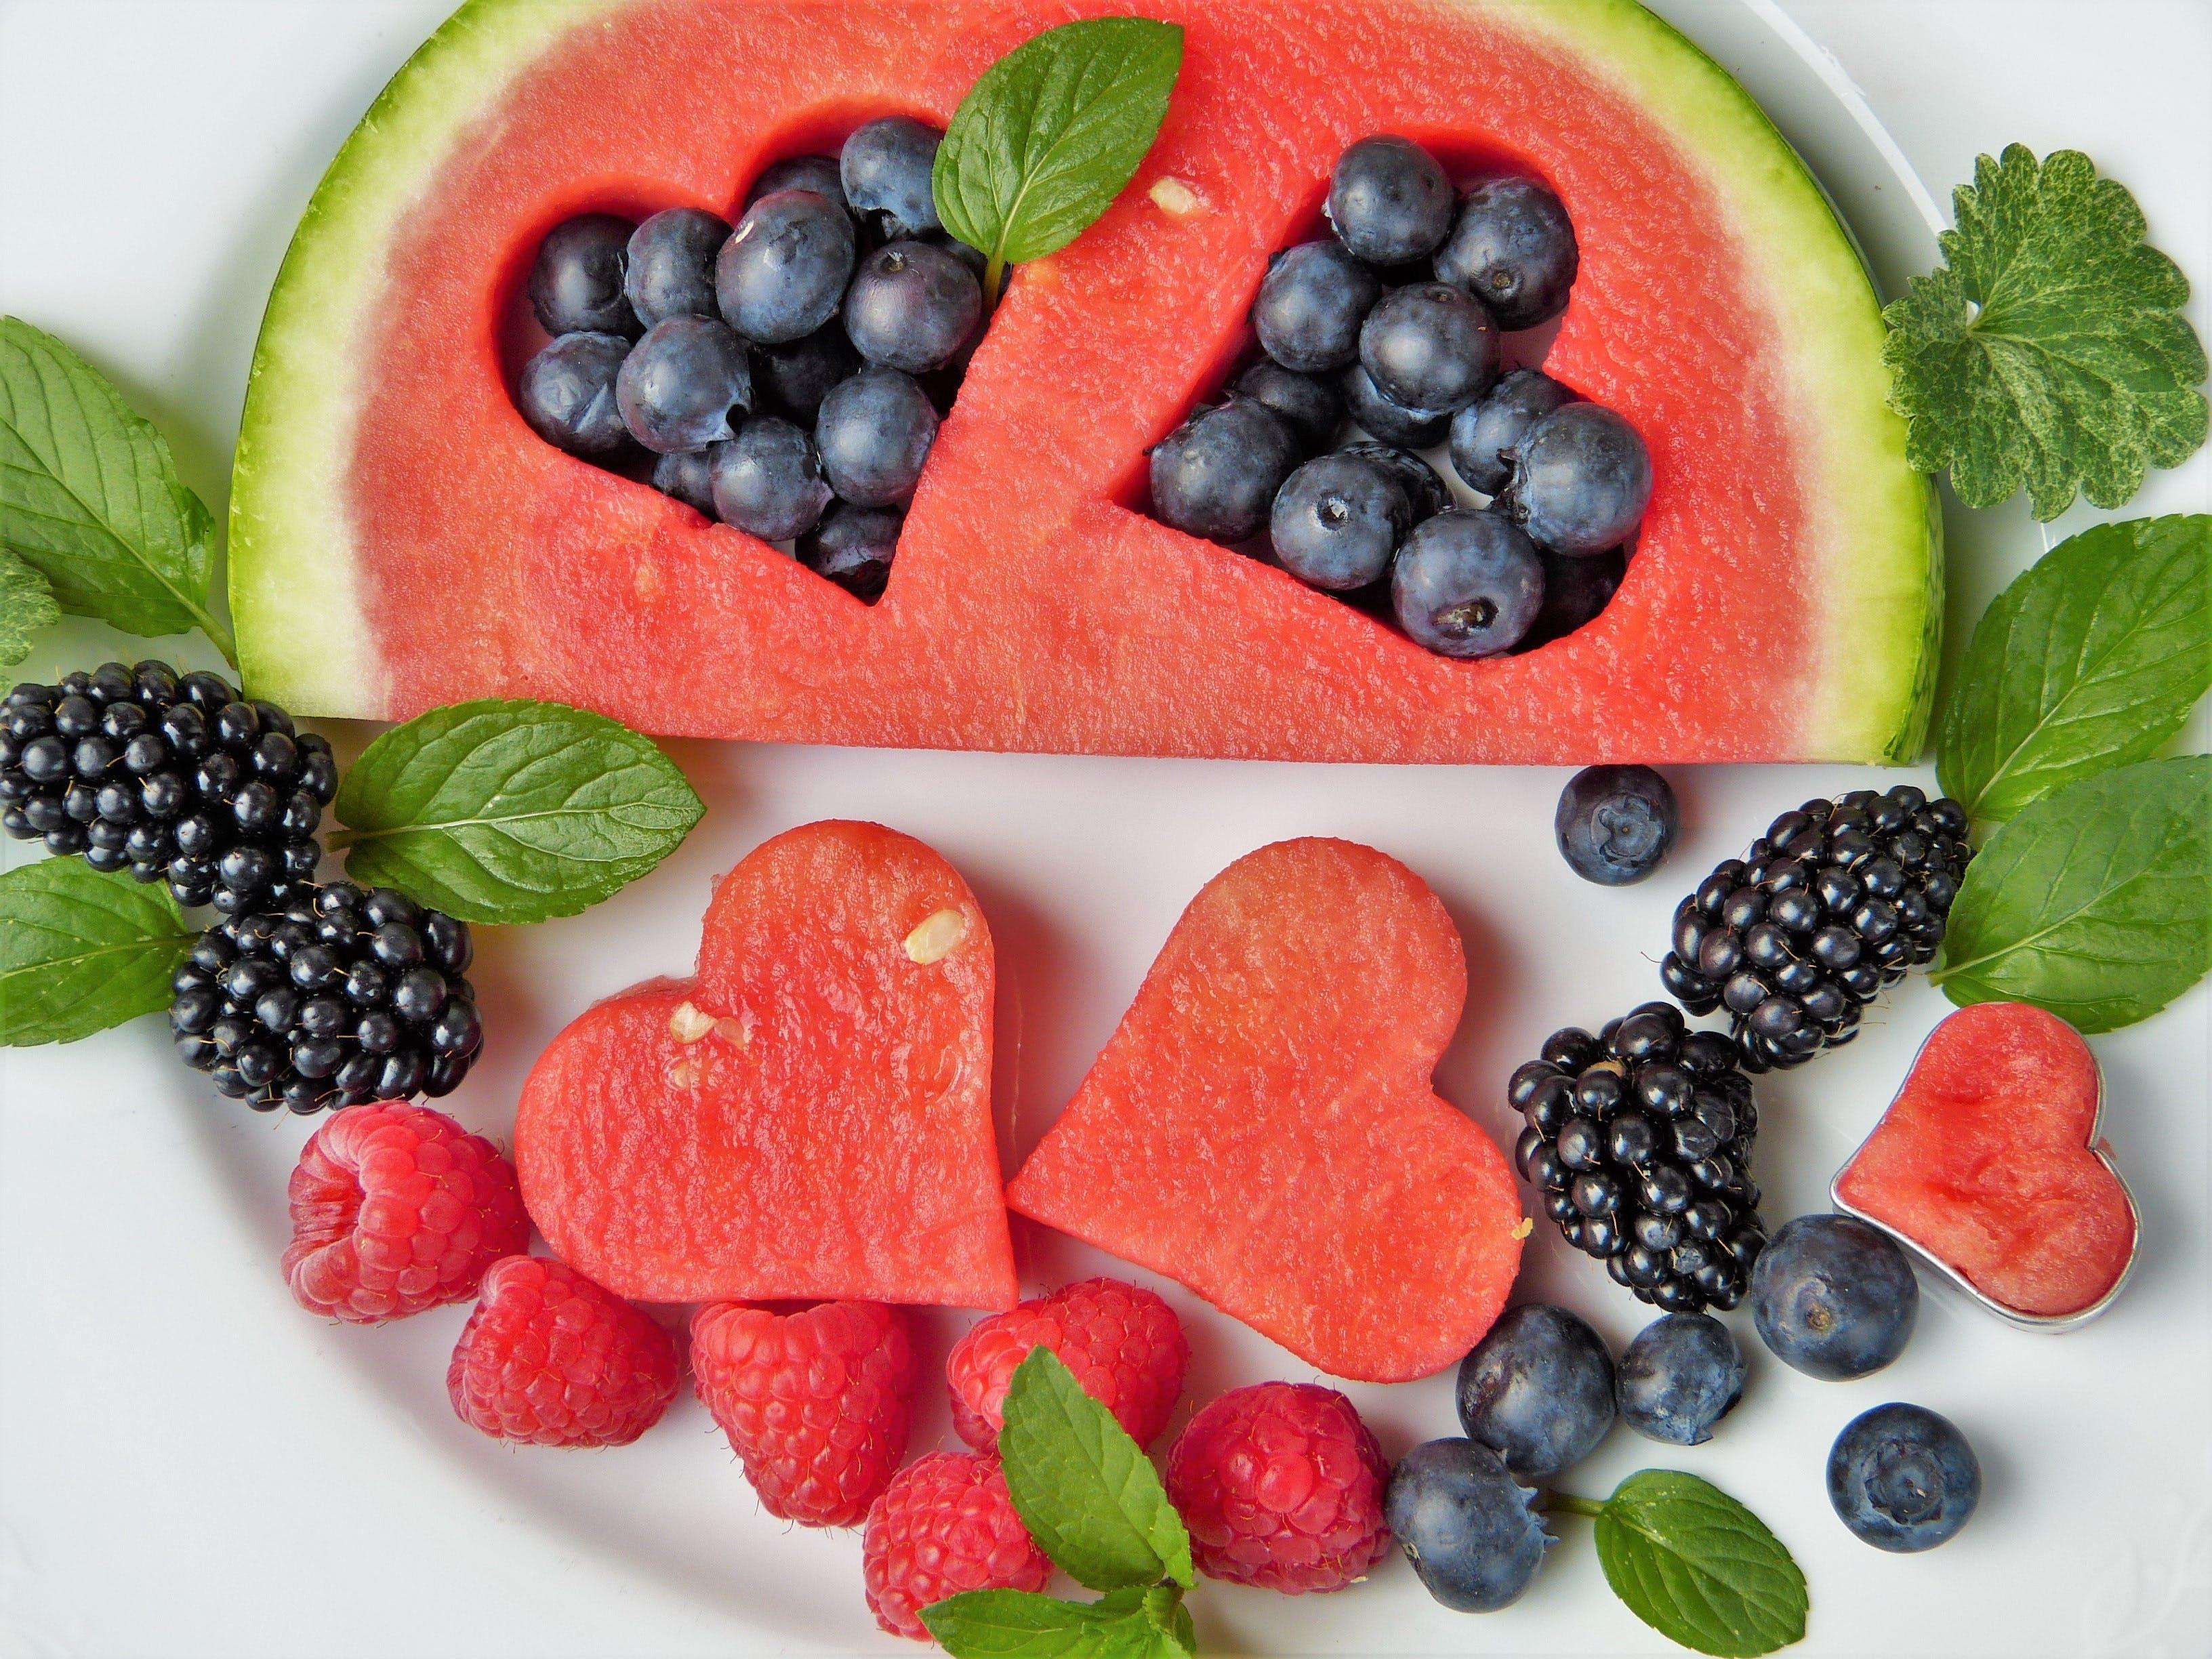 Watermelon, Raspberries, and Blackberries